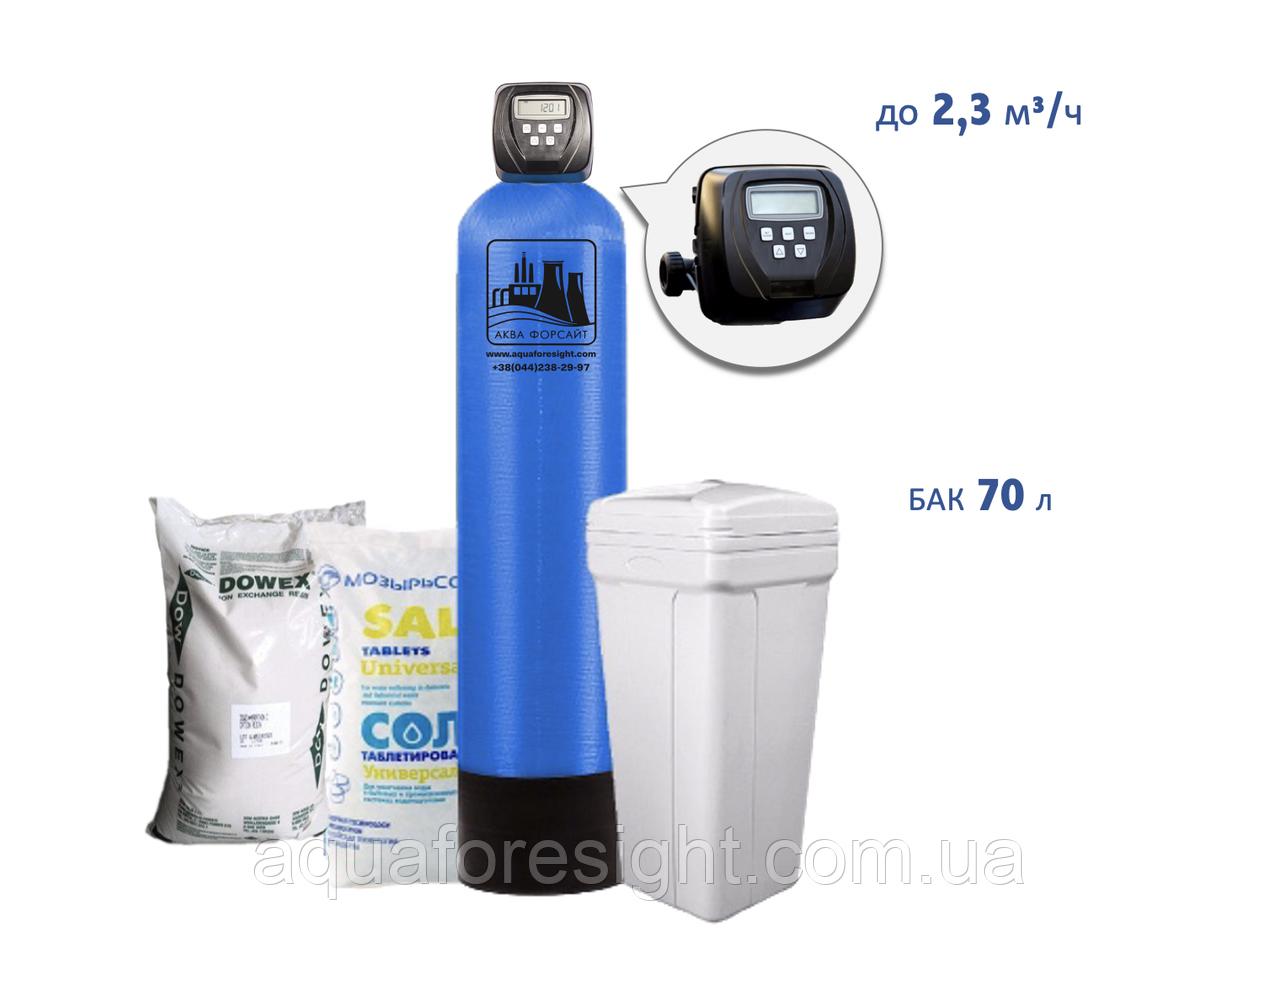 Система умягчения воды 1252 CI производительность 2,3 м3/час